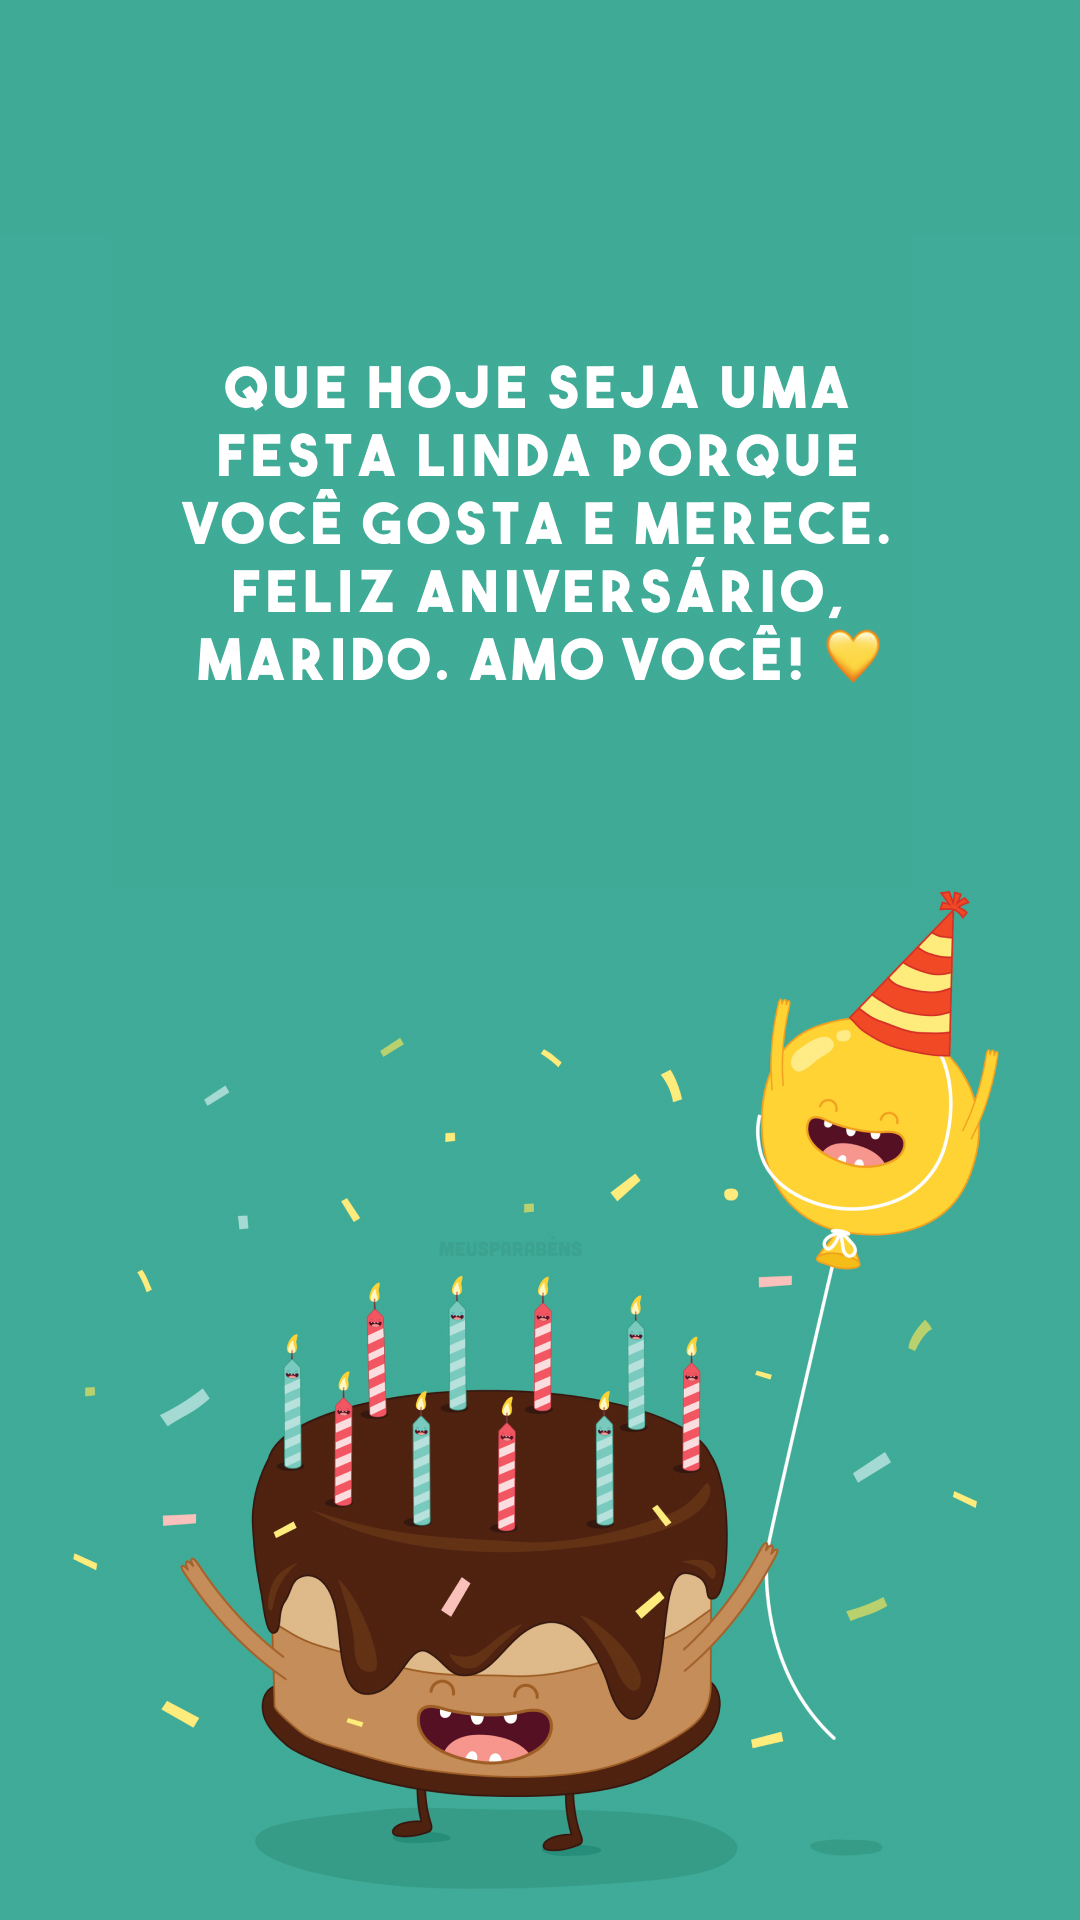 Que hoje seja uma festa linda porque você gosta e merece. Feliz aniversário, marido. Amo você! 💛